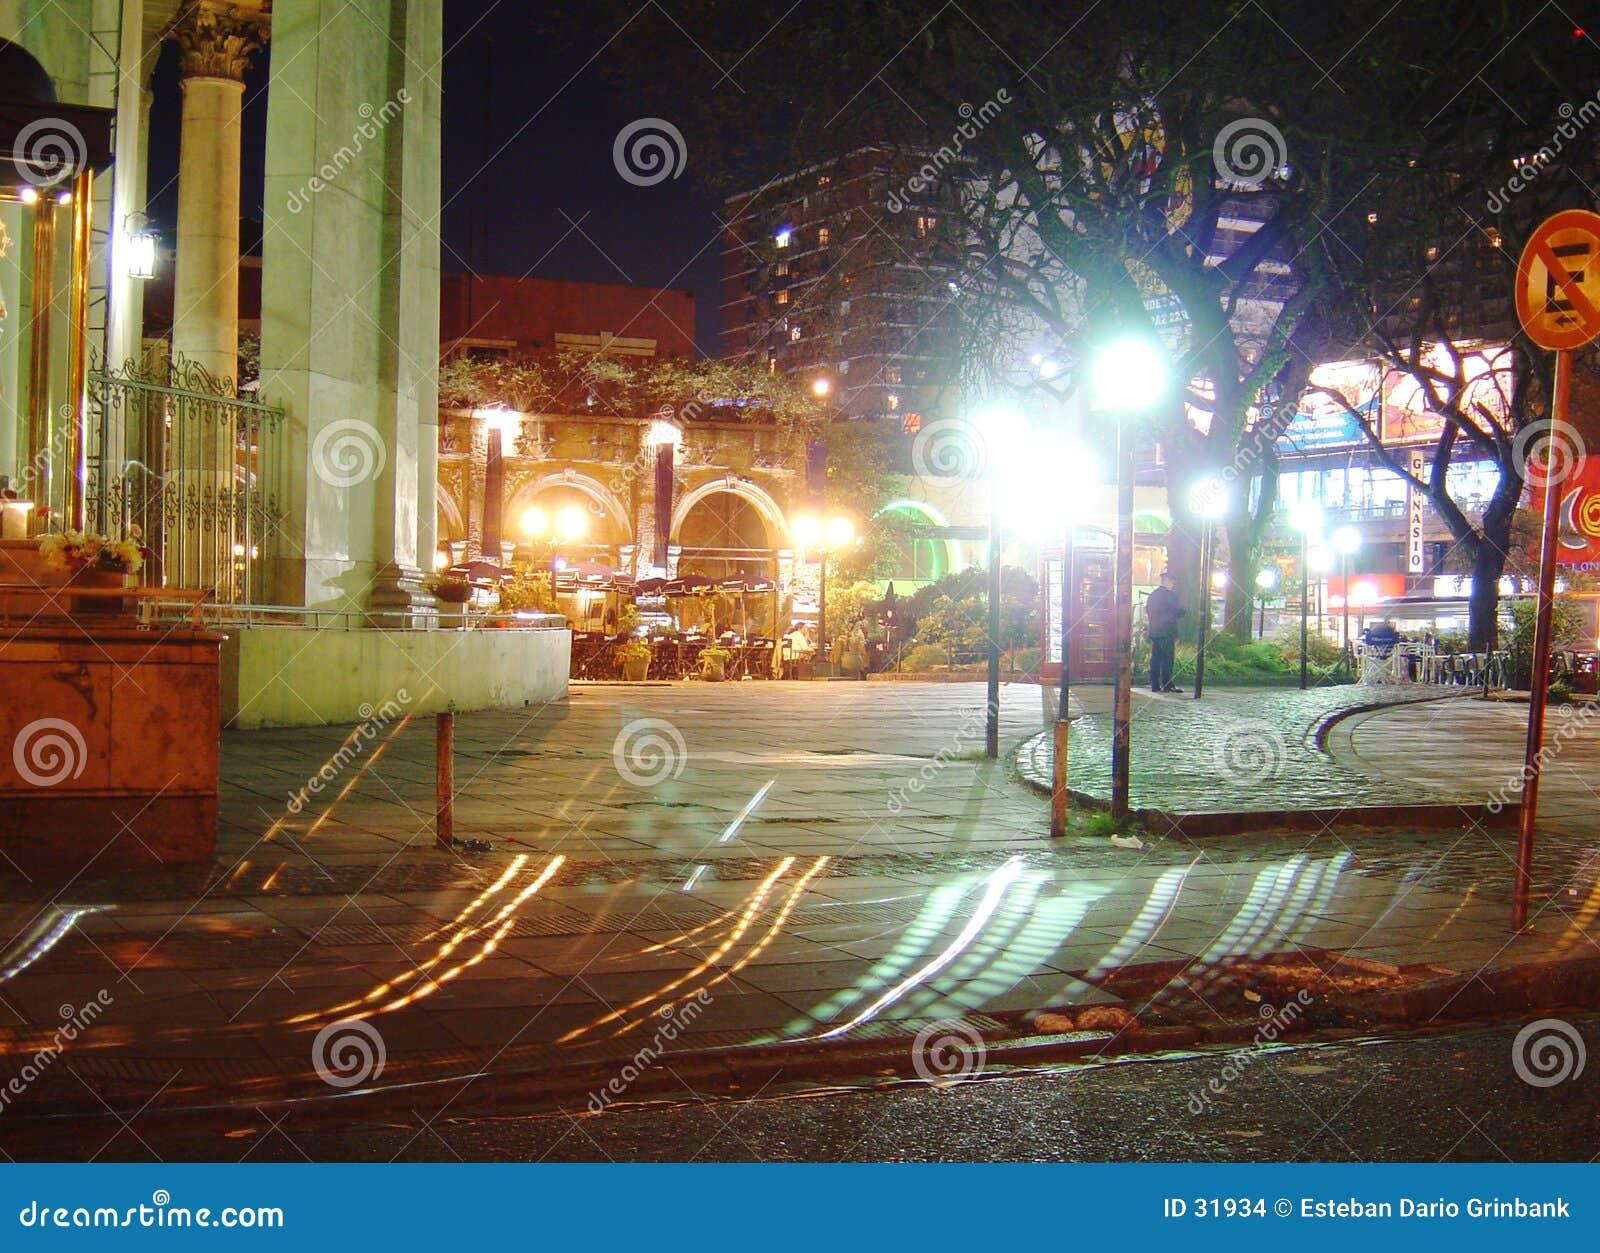 Download Nachtstraße stockfoto. Bild von leuchten, nächtlich, plasterung - 31934